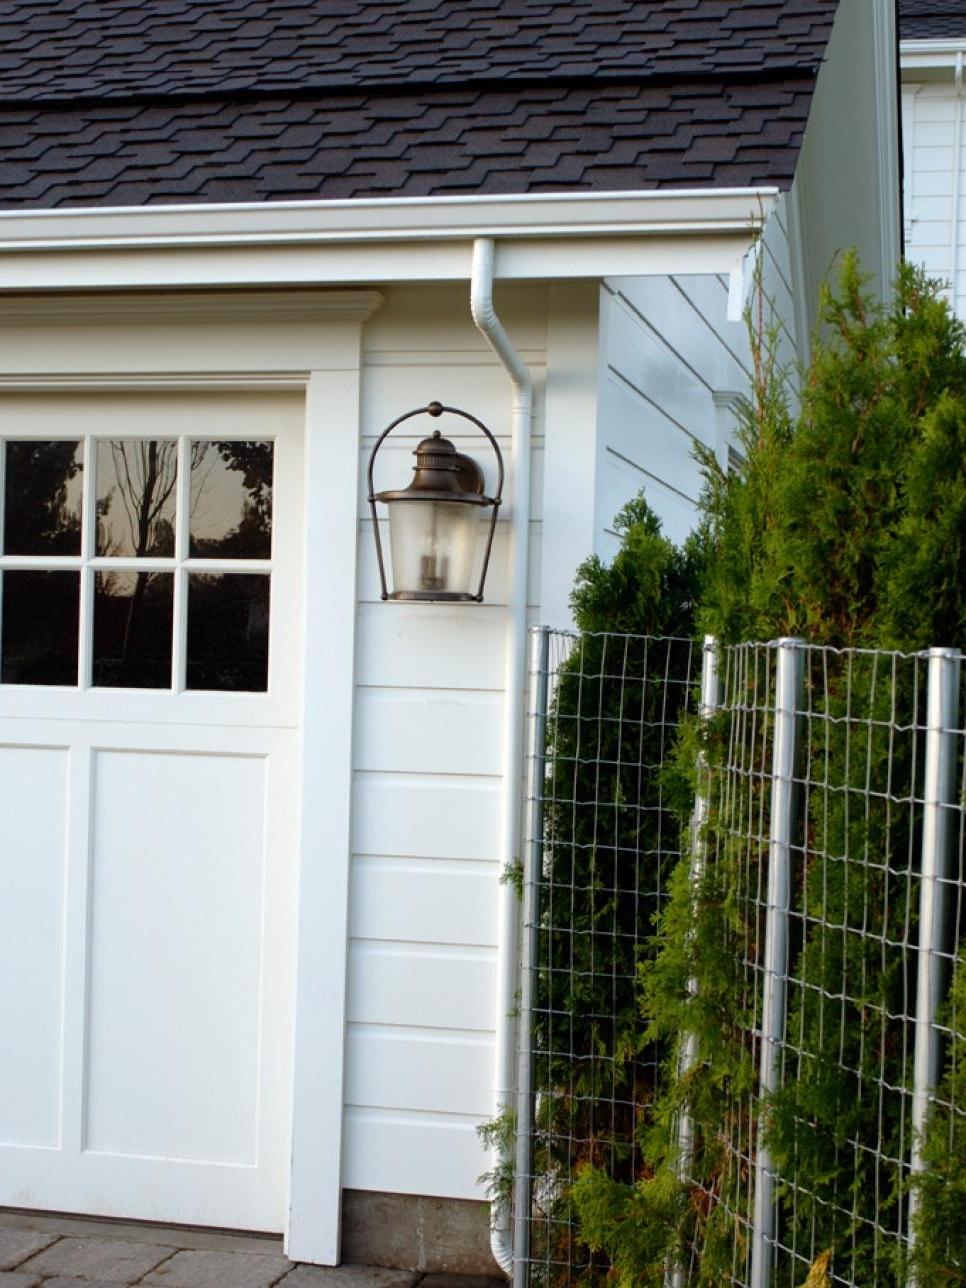 Outdoor Garage Lanterns Inside Most Popular 34 Outdoor Garage Lighting Ideas, 10 Garage Lighting Ideas Hgtv (View 11 of 20)